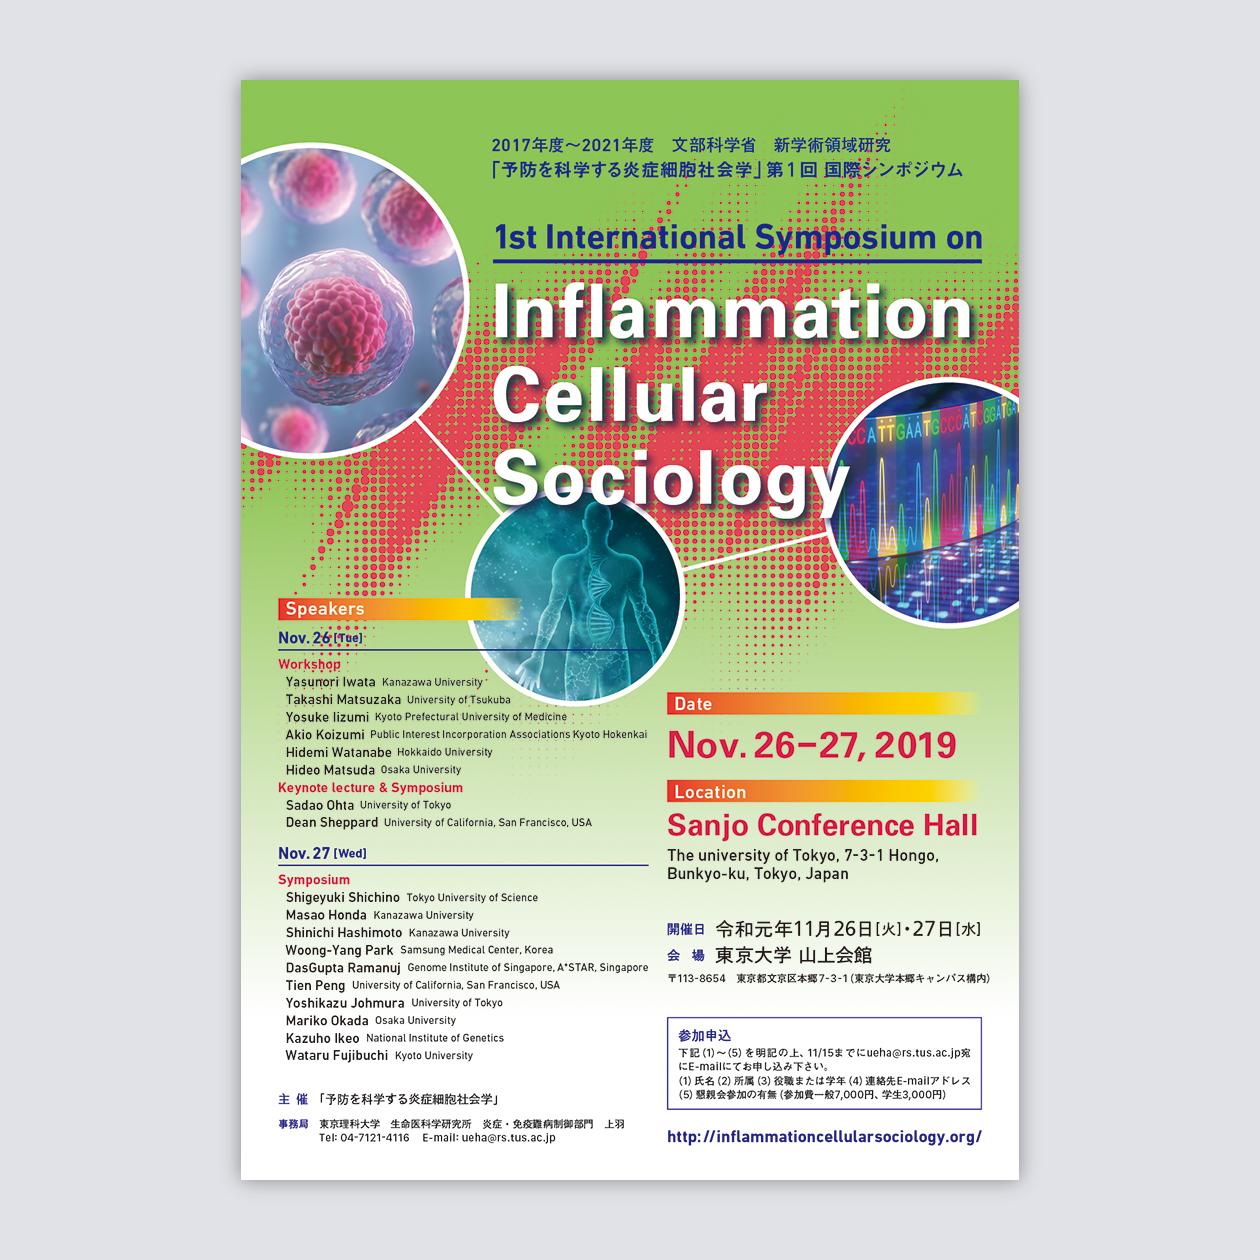 「予防を科学する炎症細胞社会学」第1回国際シンポジウム ポスター